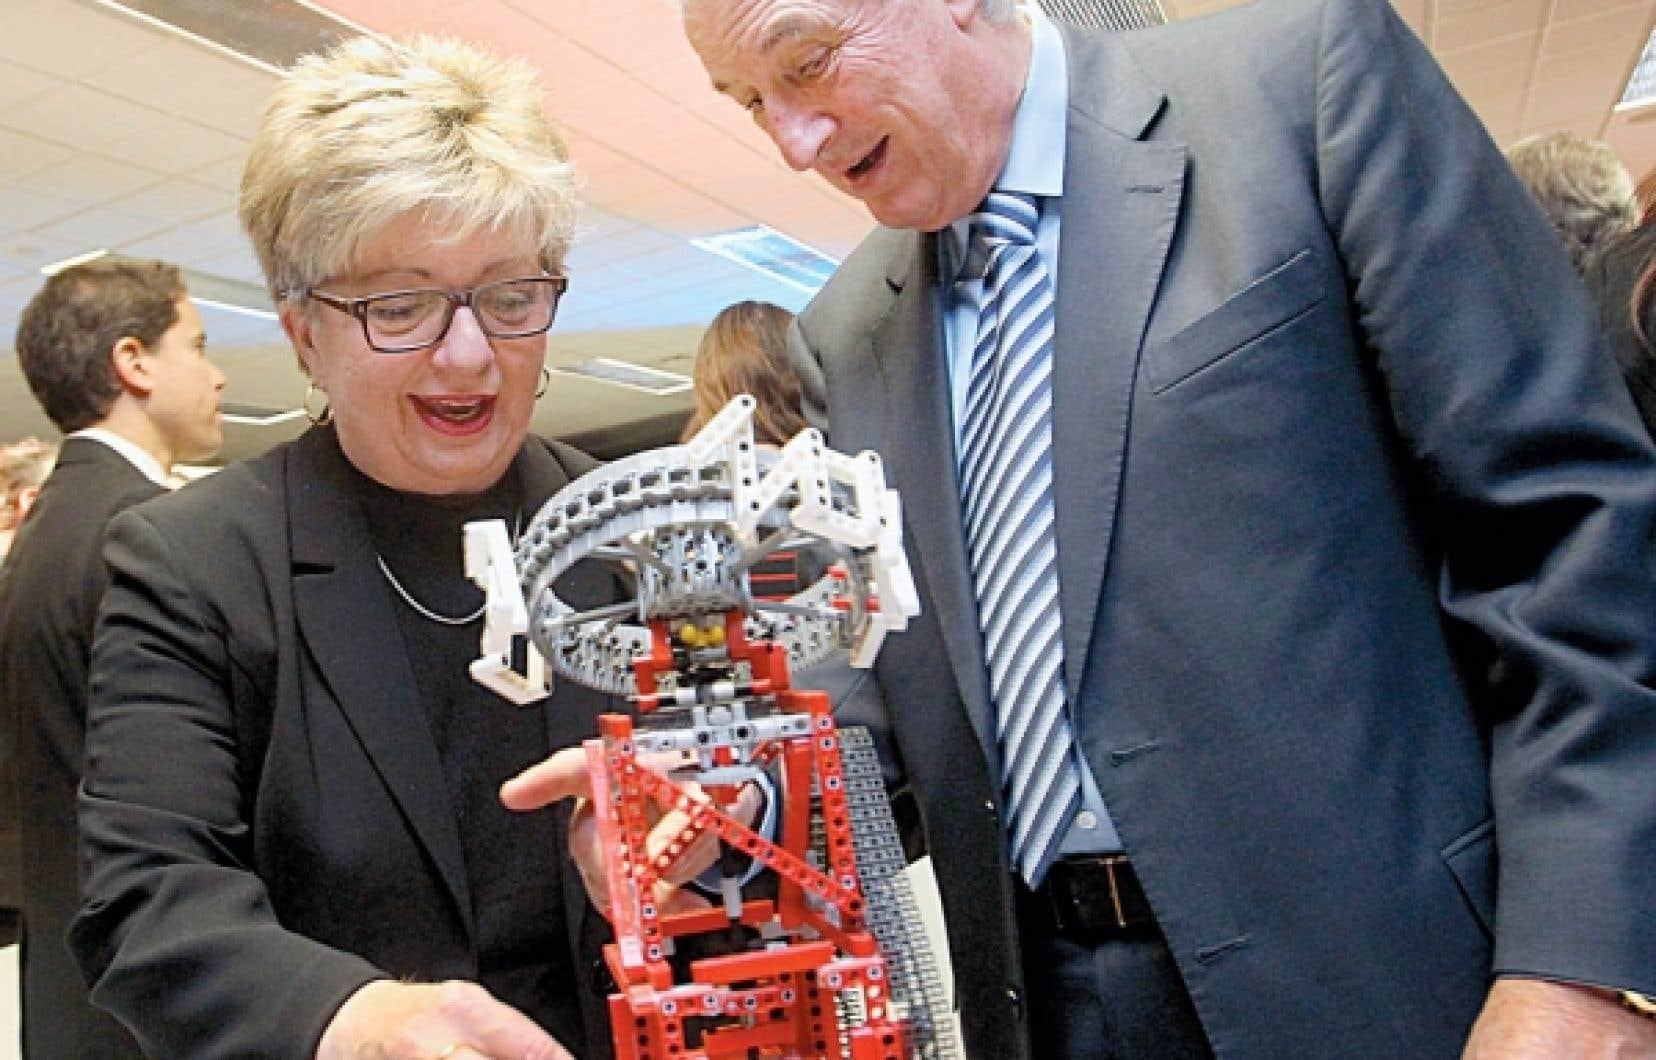 La présidente de la CSDM, Diane de Courcy, en compagnie de Laurent Beaudoin, grand patron de Bombardier, qui soutient le projet Robotique FIRST Québec.<br />